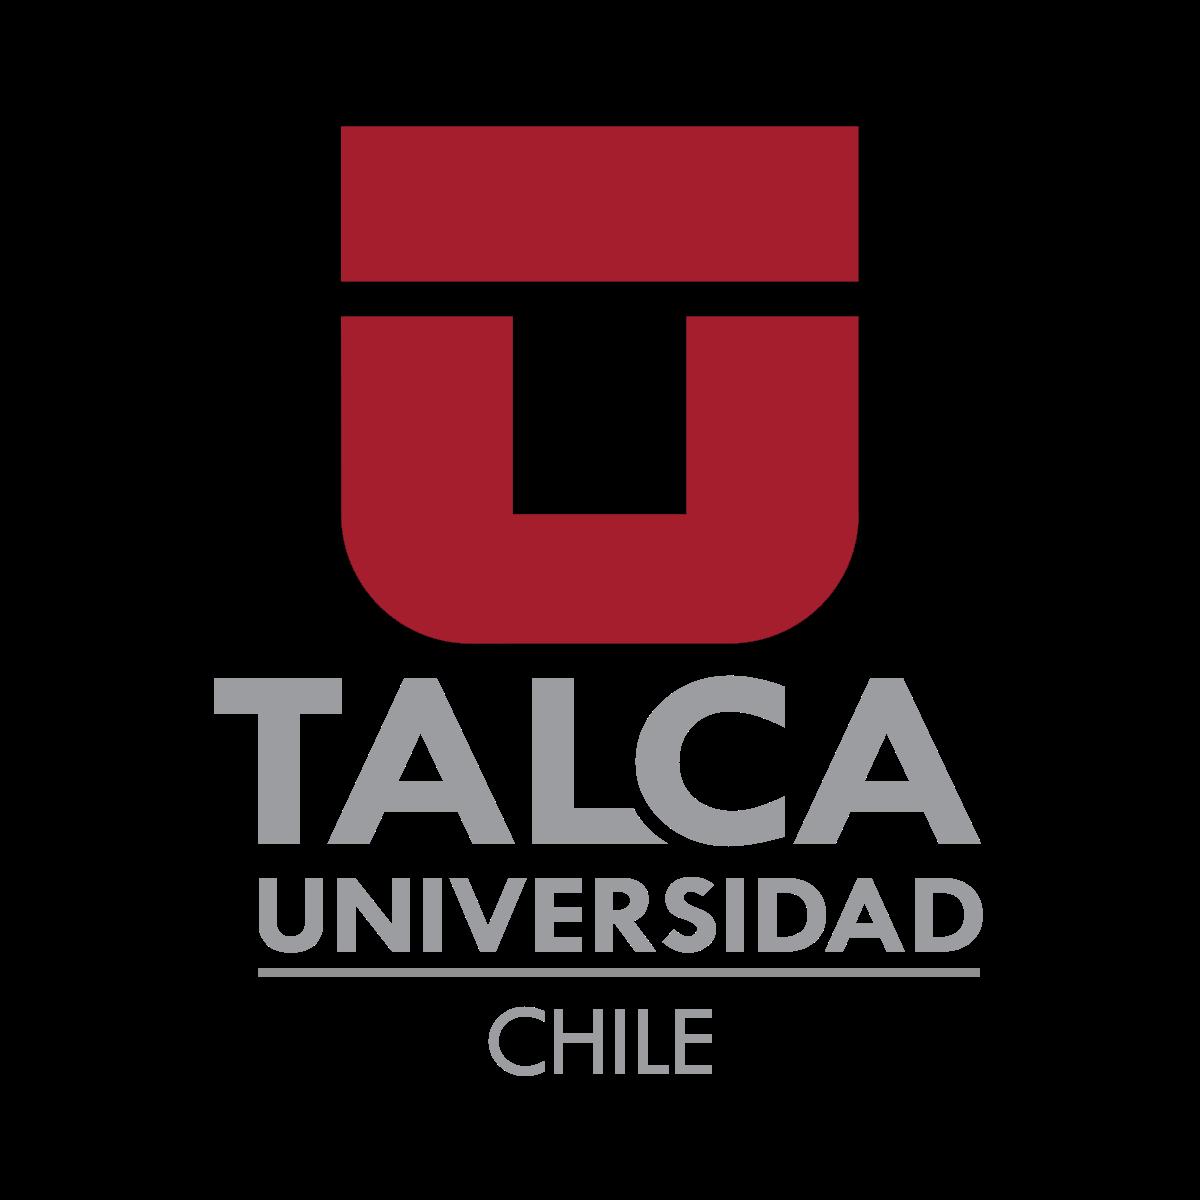 UNI Talca, Chile